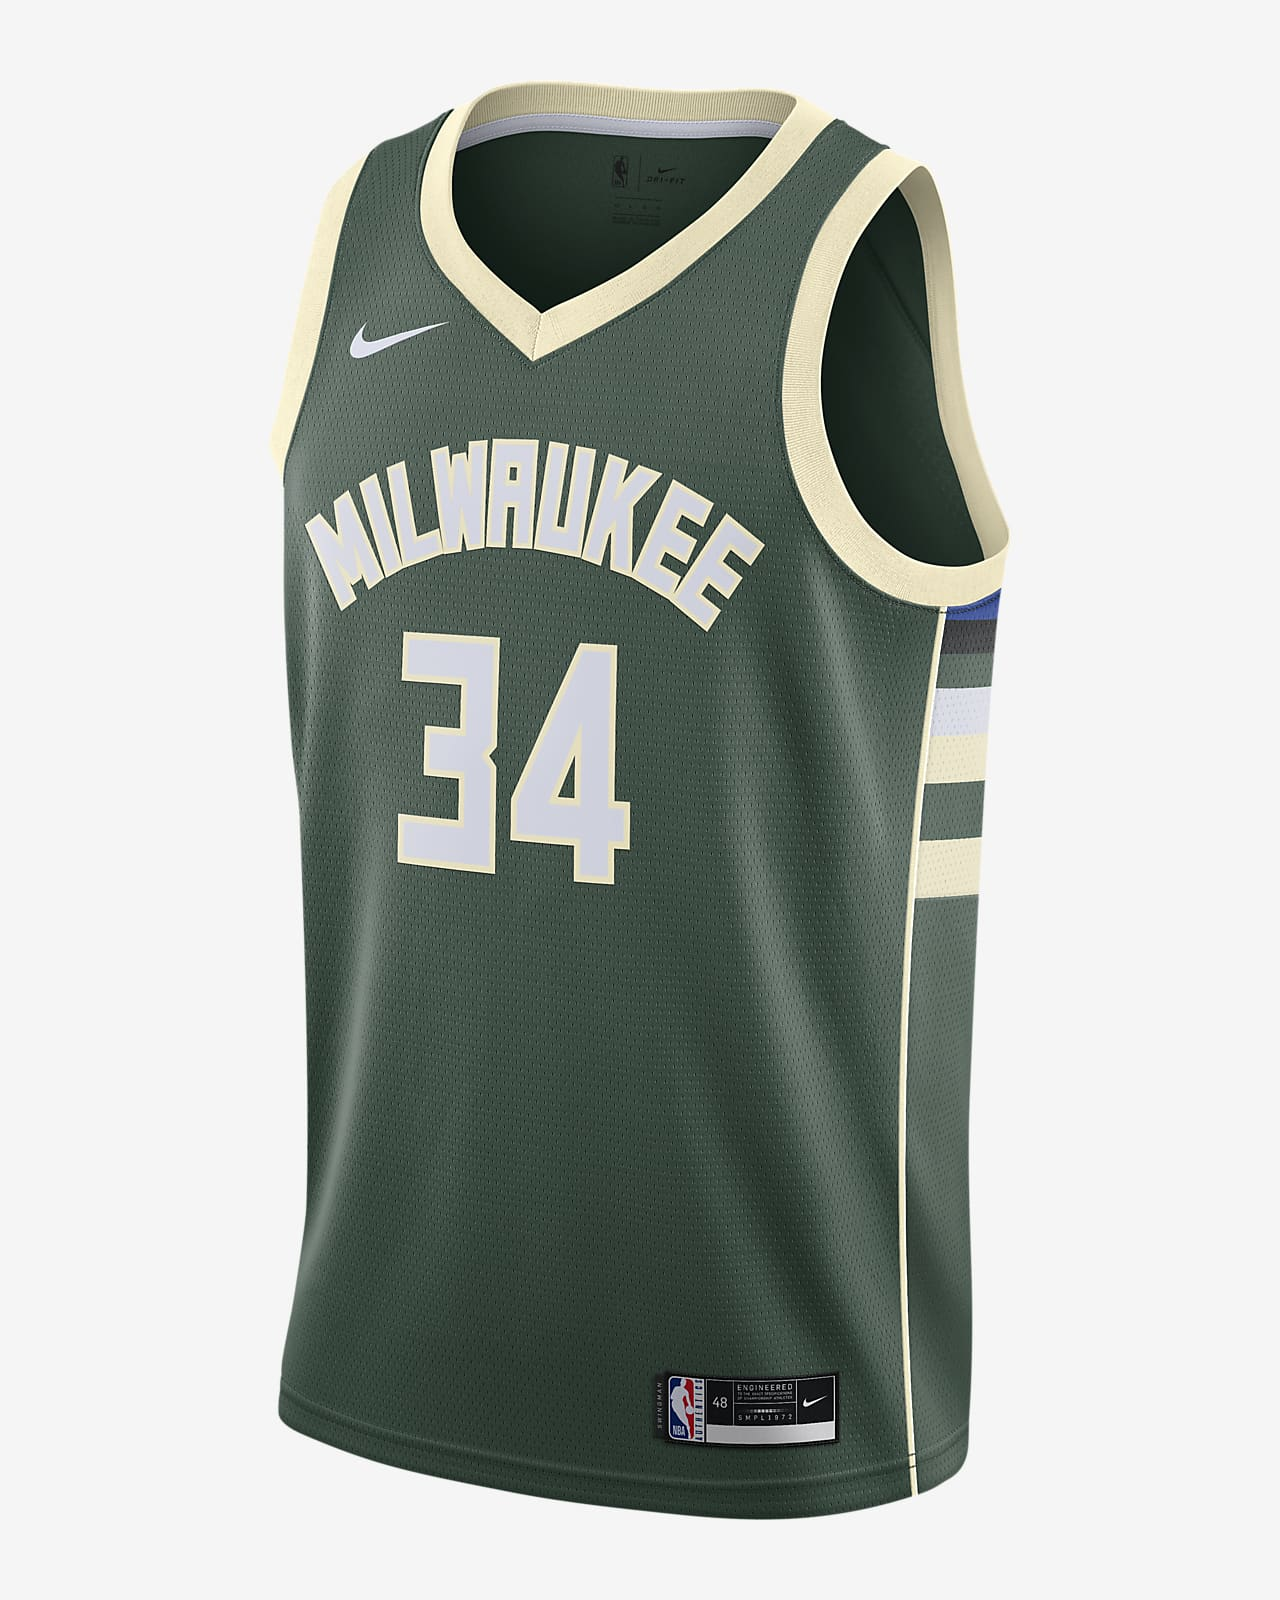 เสื้อแข่ง Nike NBA Swingman Giannis Antetokounmpo Bucks Icon Edition 2020